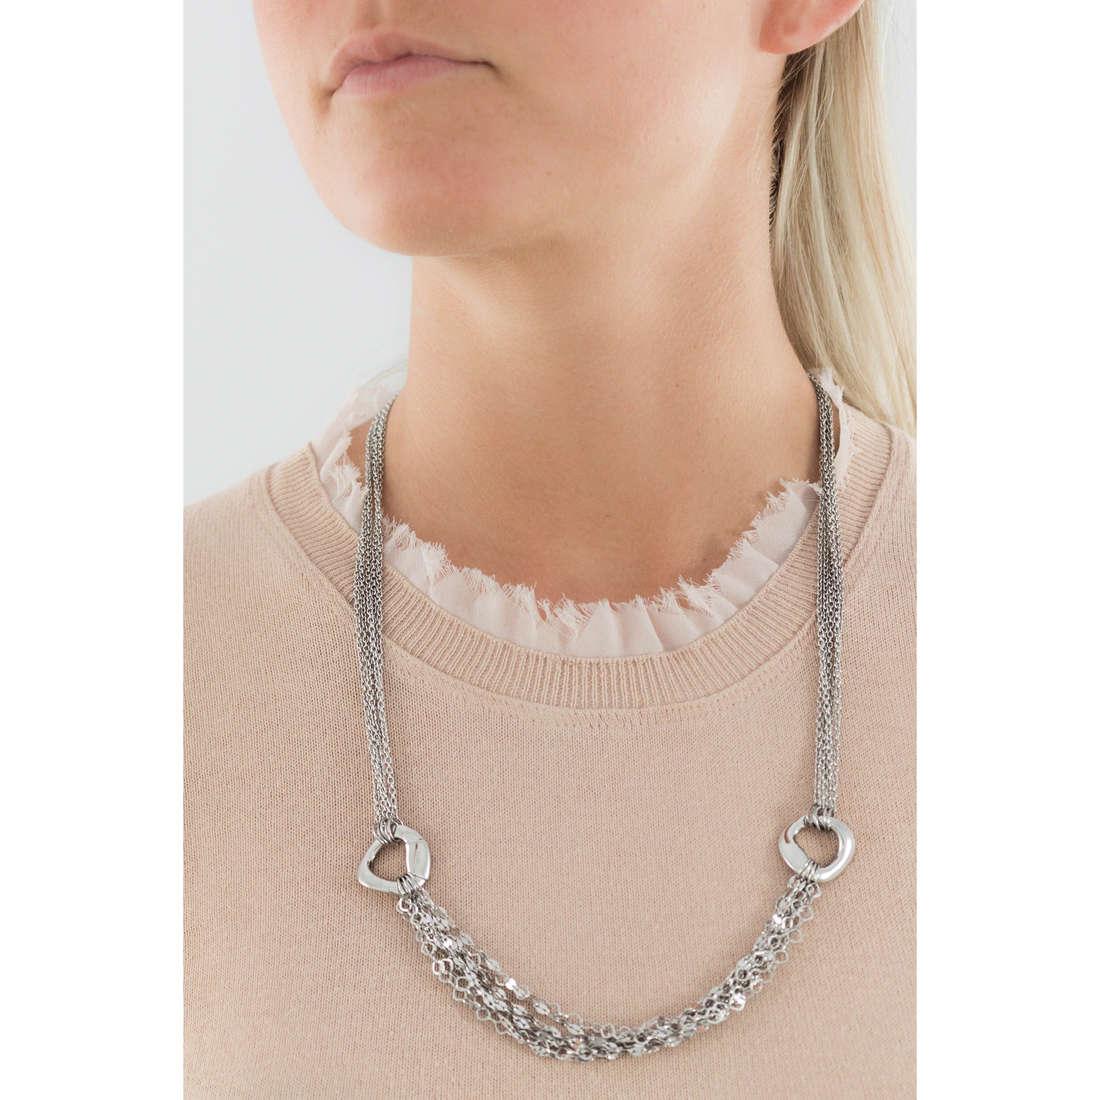 Breil colliers SkyFall femme TJ1412 indosso